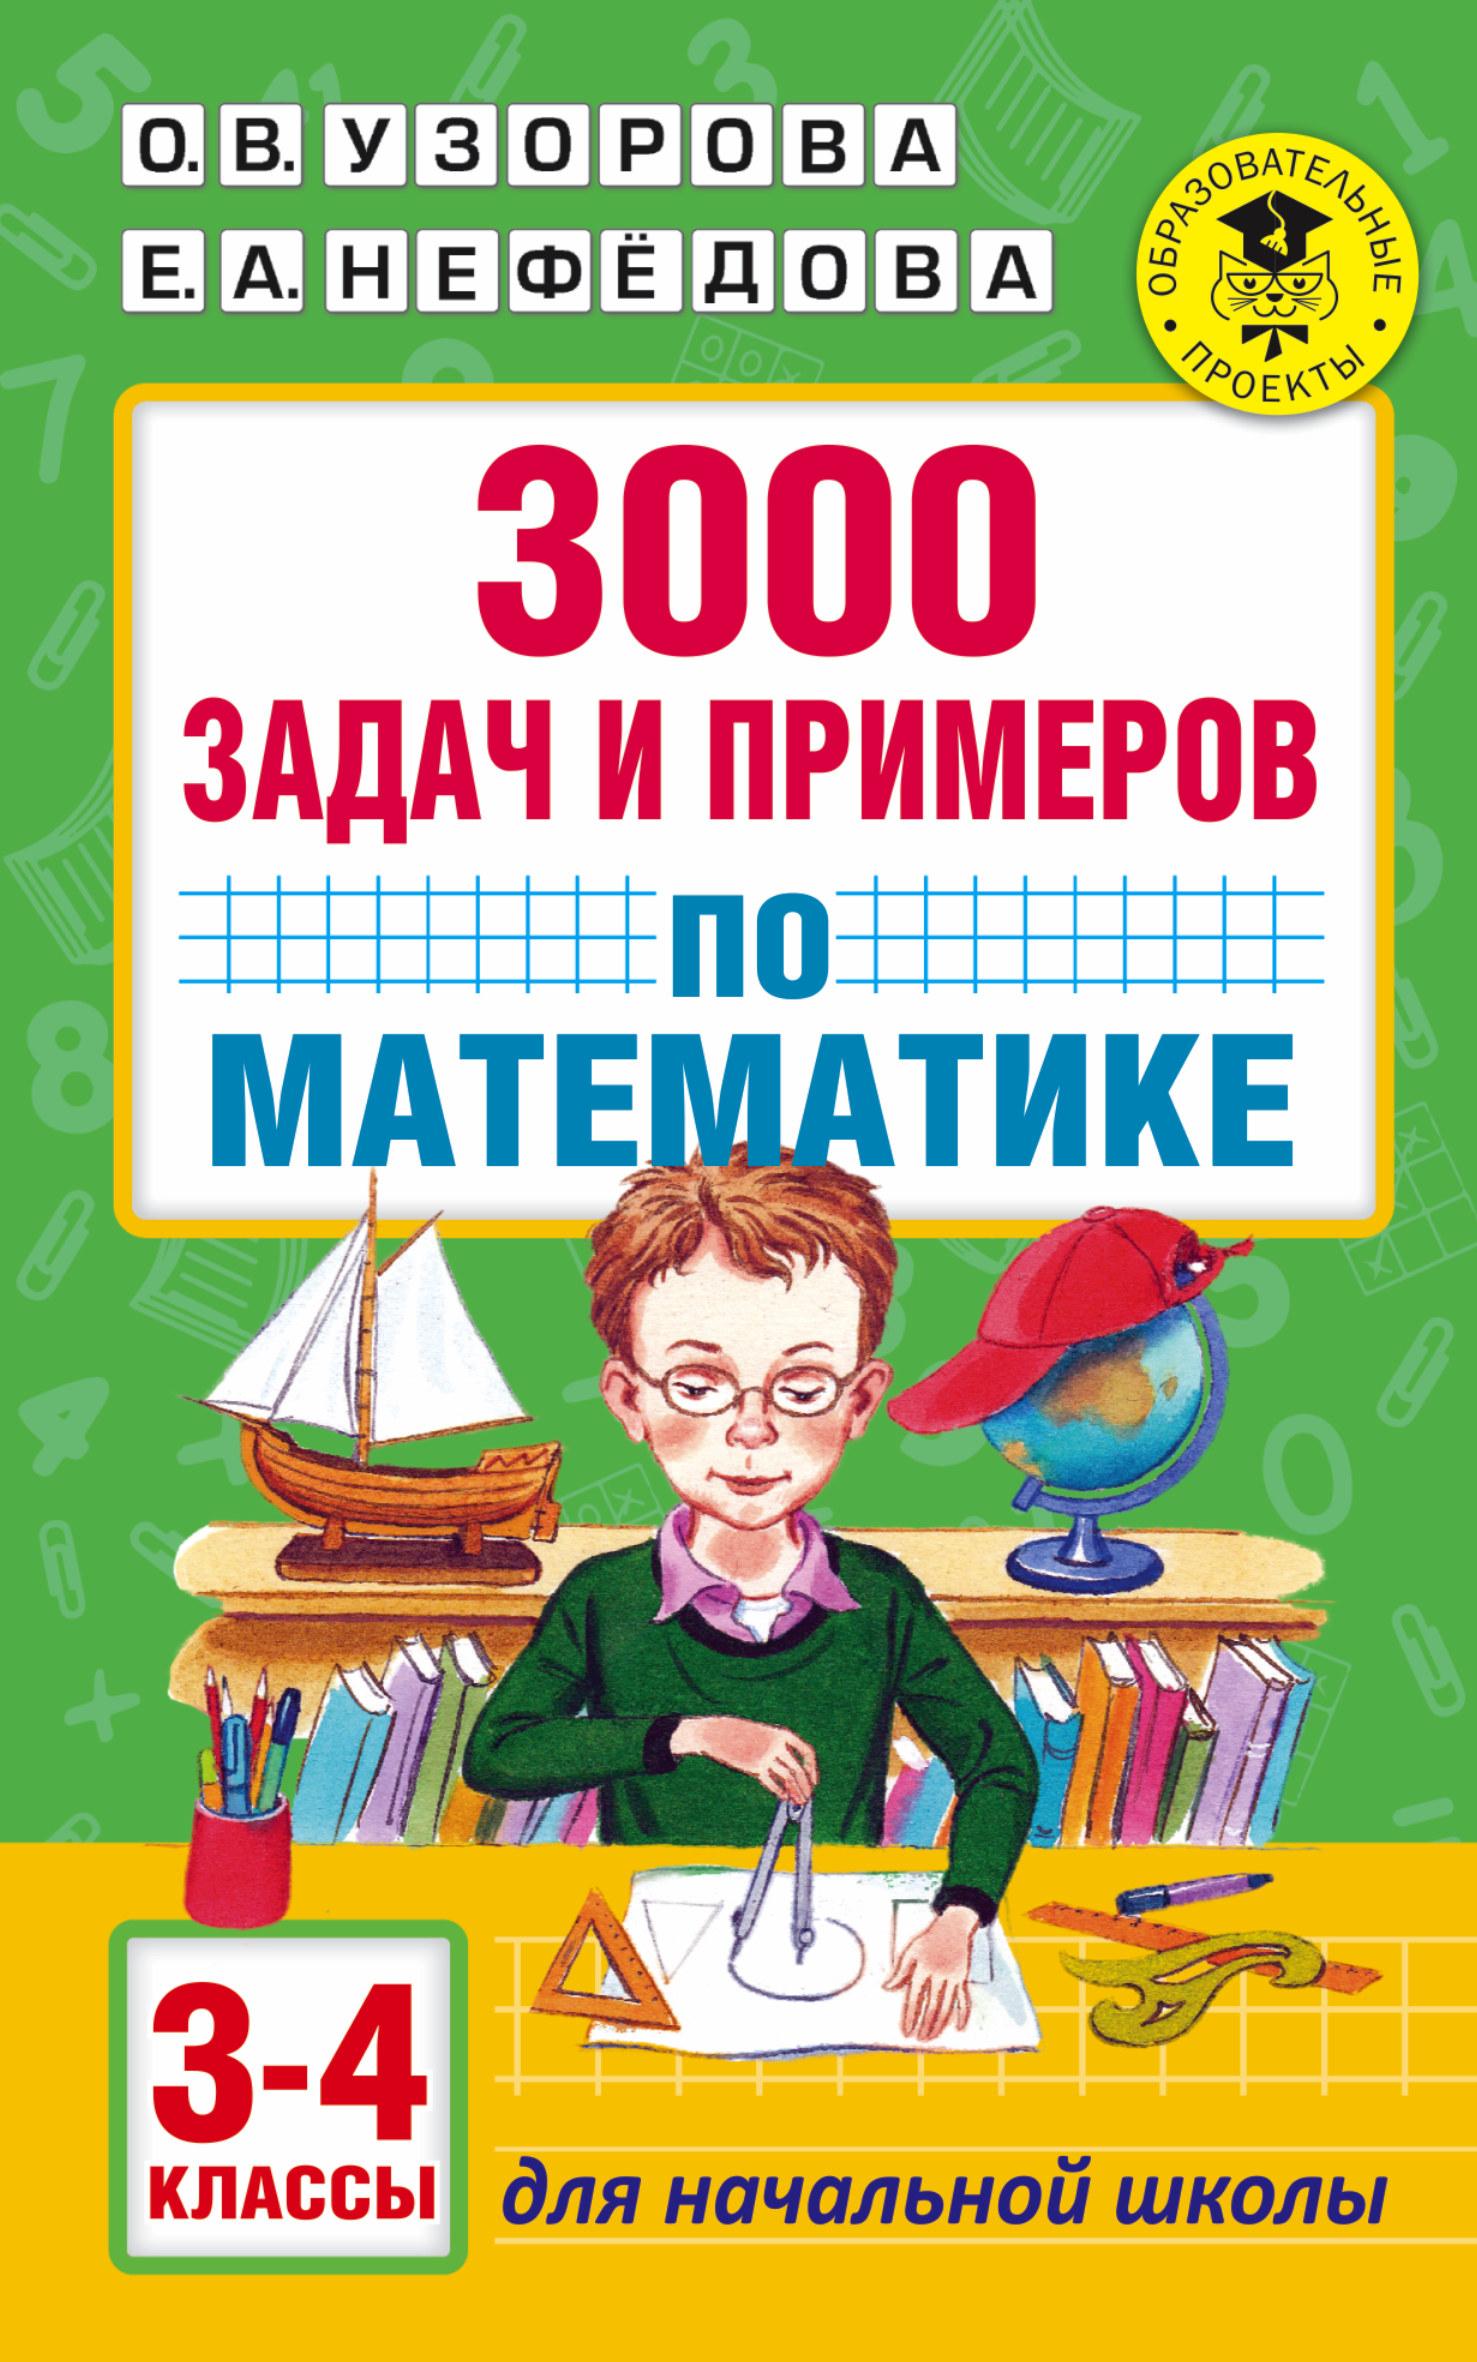 Узорова О.В. 3000 задач и примеров по математике: 3-4-й классы узорова ольга васильевна нефёдова елена алексеевна 3000 задач и примеров по математике 1 2 классы